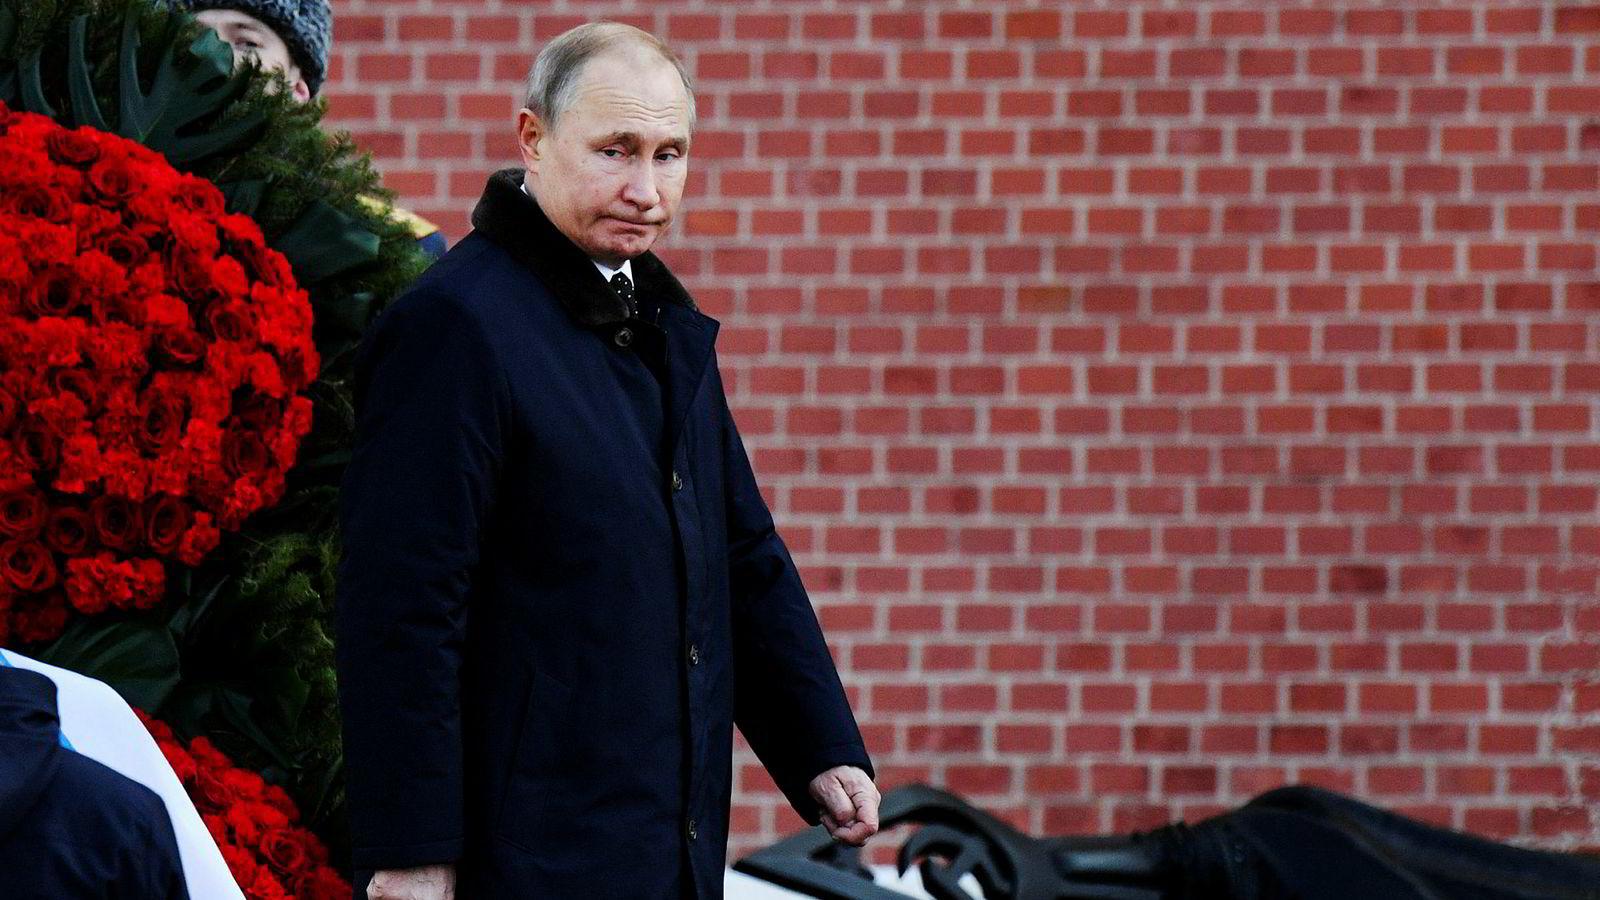 Misnøyen med president Vladimir Putin øker. Før ville russerne ha stabilitet, nå vil de ha endring.